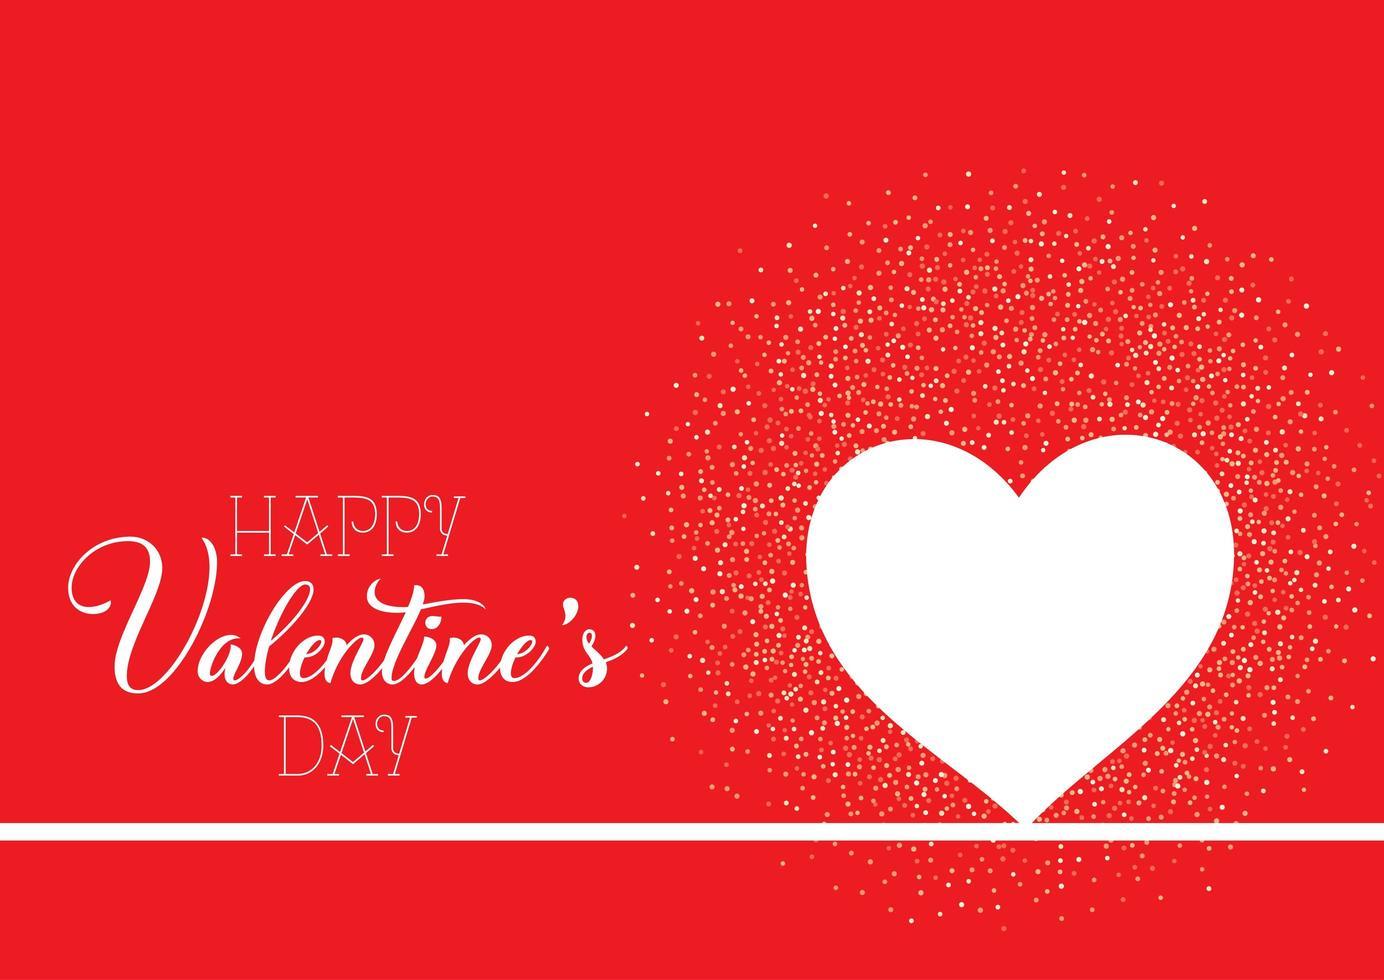 Alla hjärtans dag bakgrund med hjärta och konfetti vektor